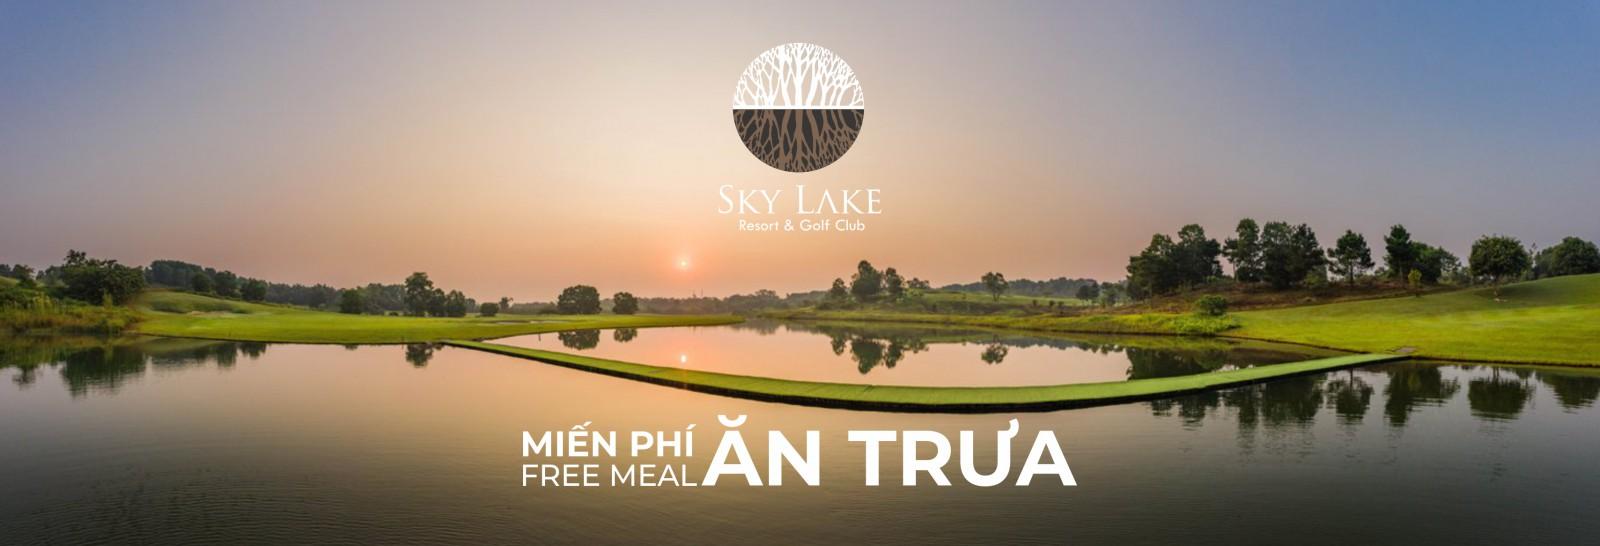 Khuyến Mại đặt sân golf Sky Lake